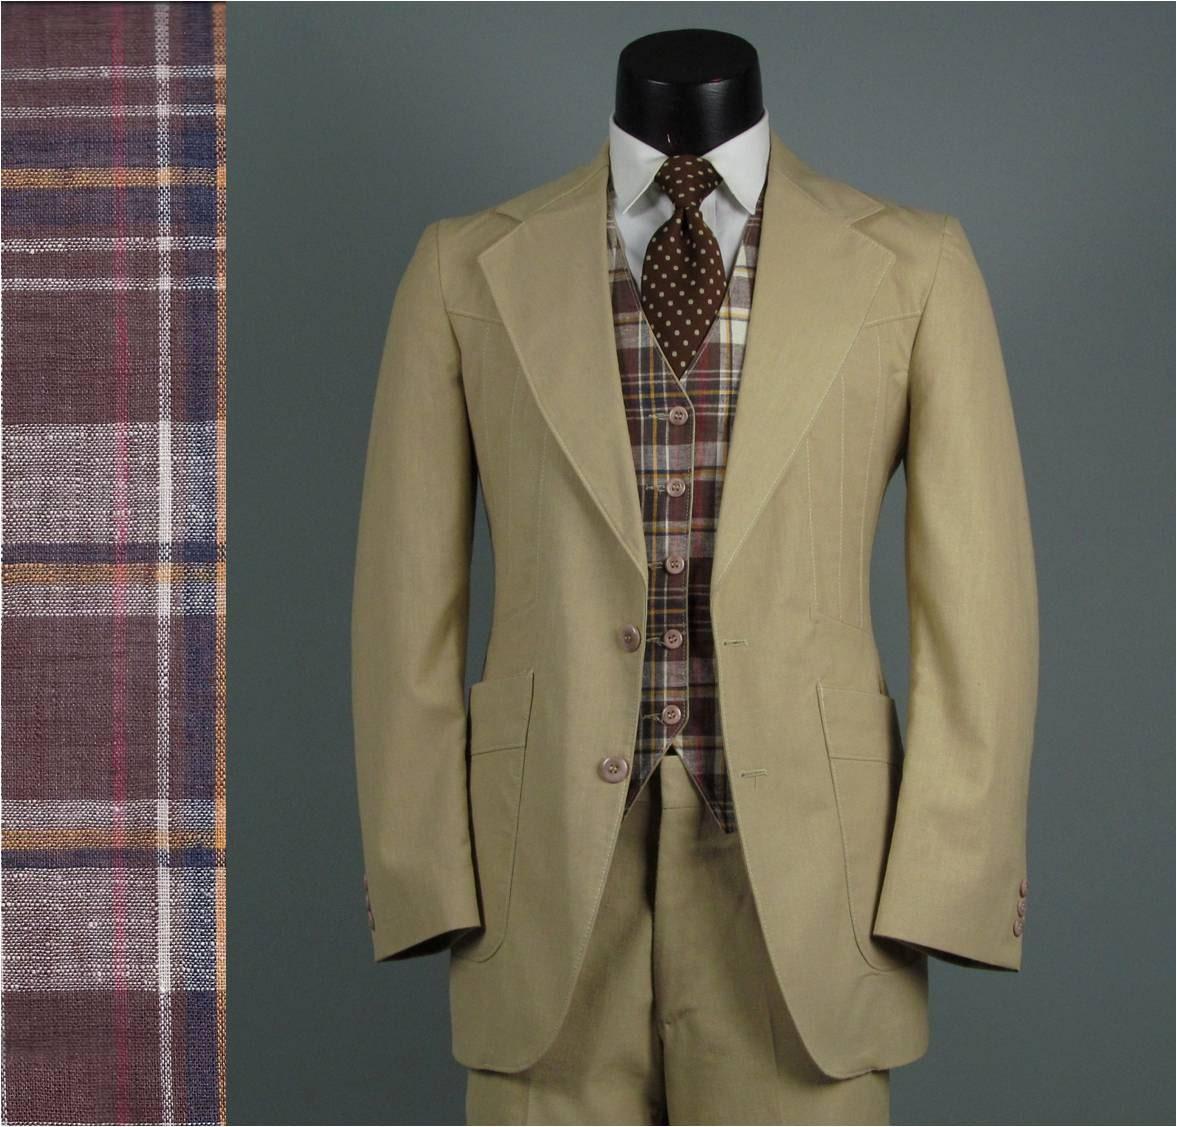 Vintage Mens Suit 1970s REVERSIBLE PLAID VEST Tan 3 Three